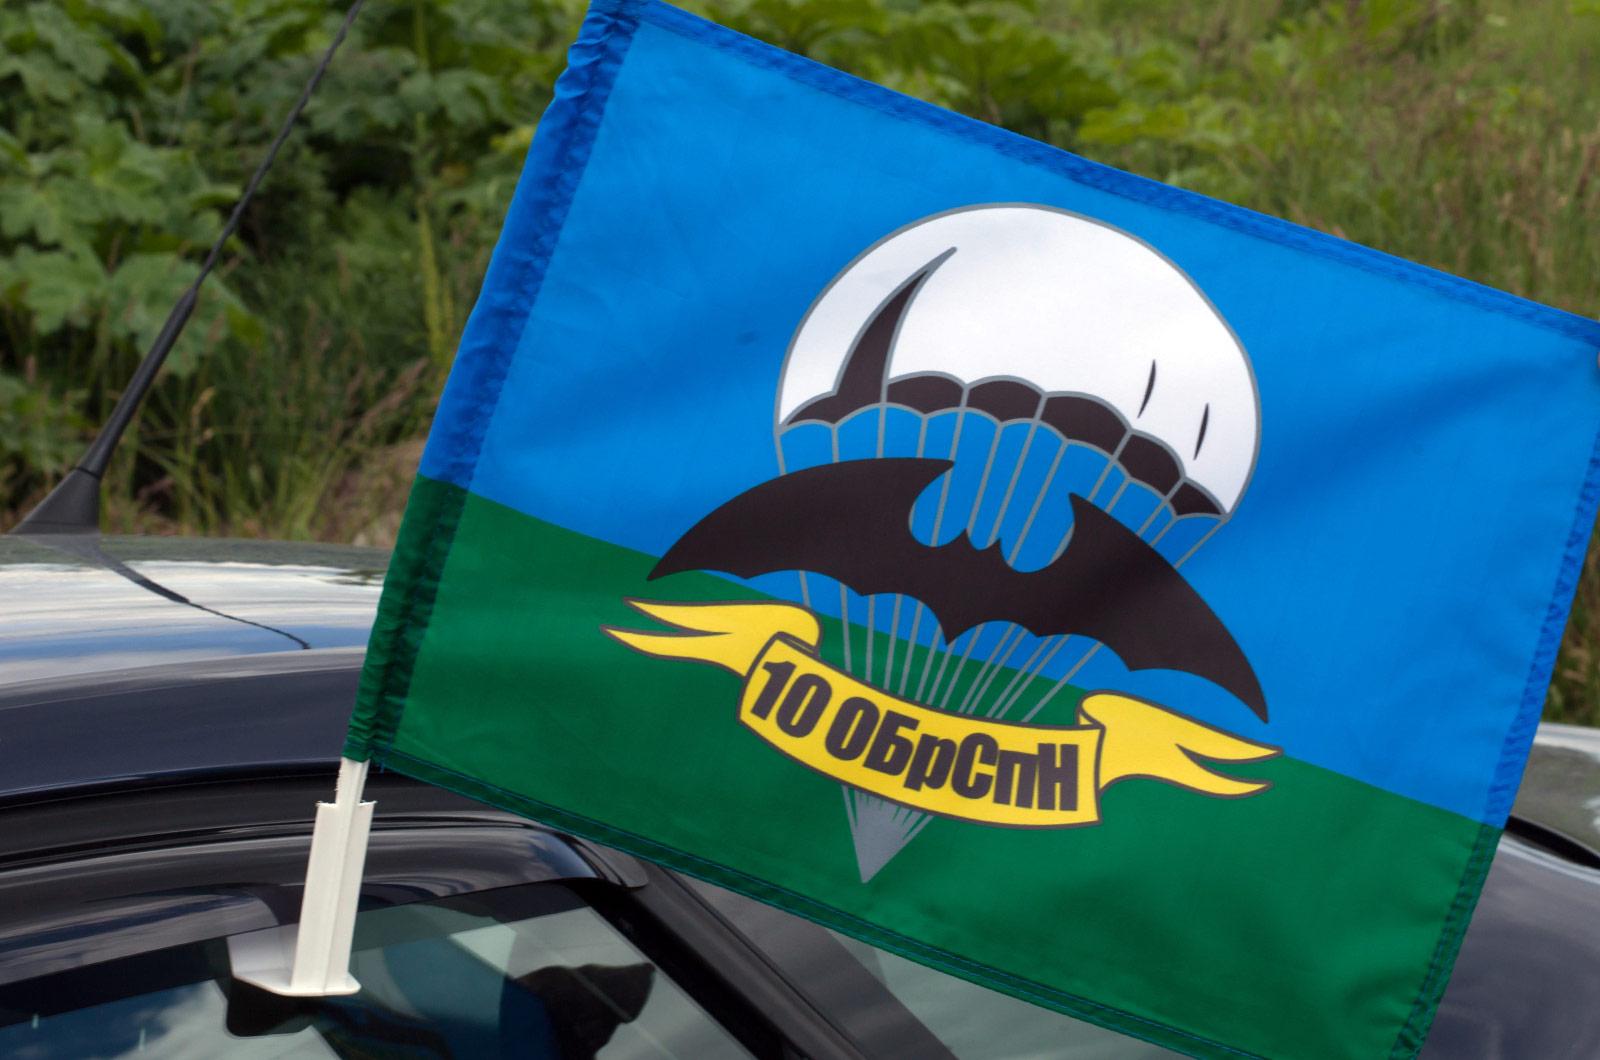 Флаг на машину в кронштейном 10 ОБрСпН